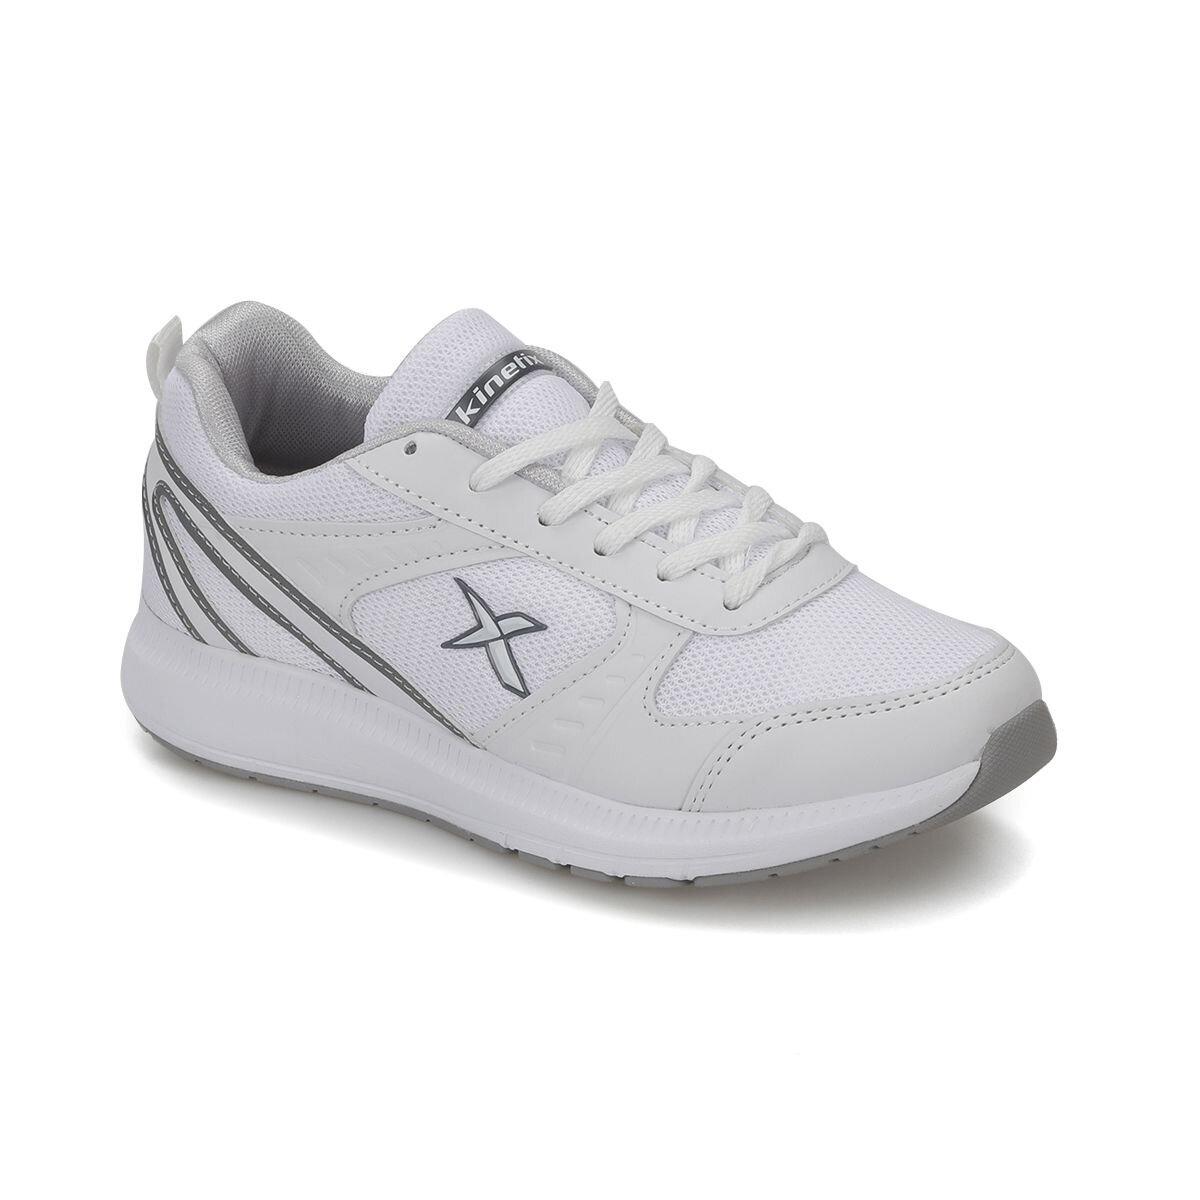 Beyaz Erkek Fitness Ayakkabısı ROBUS II